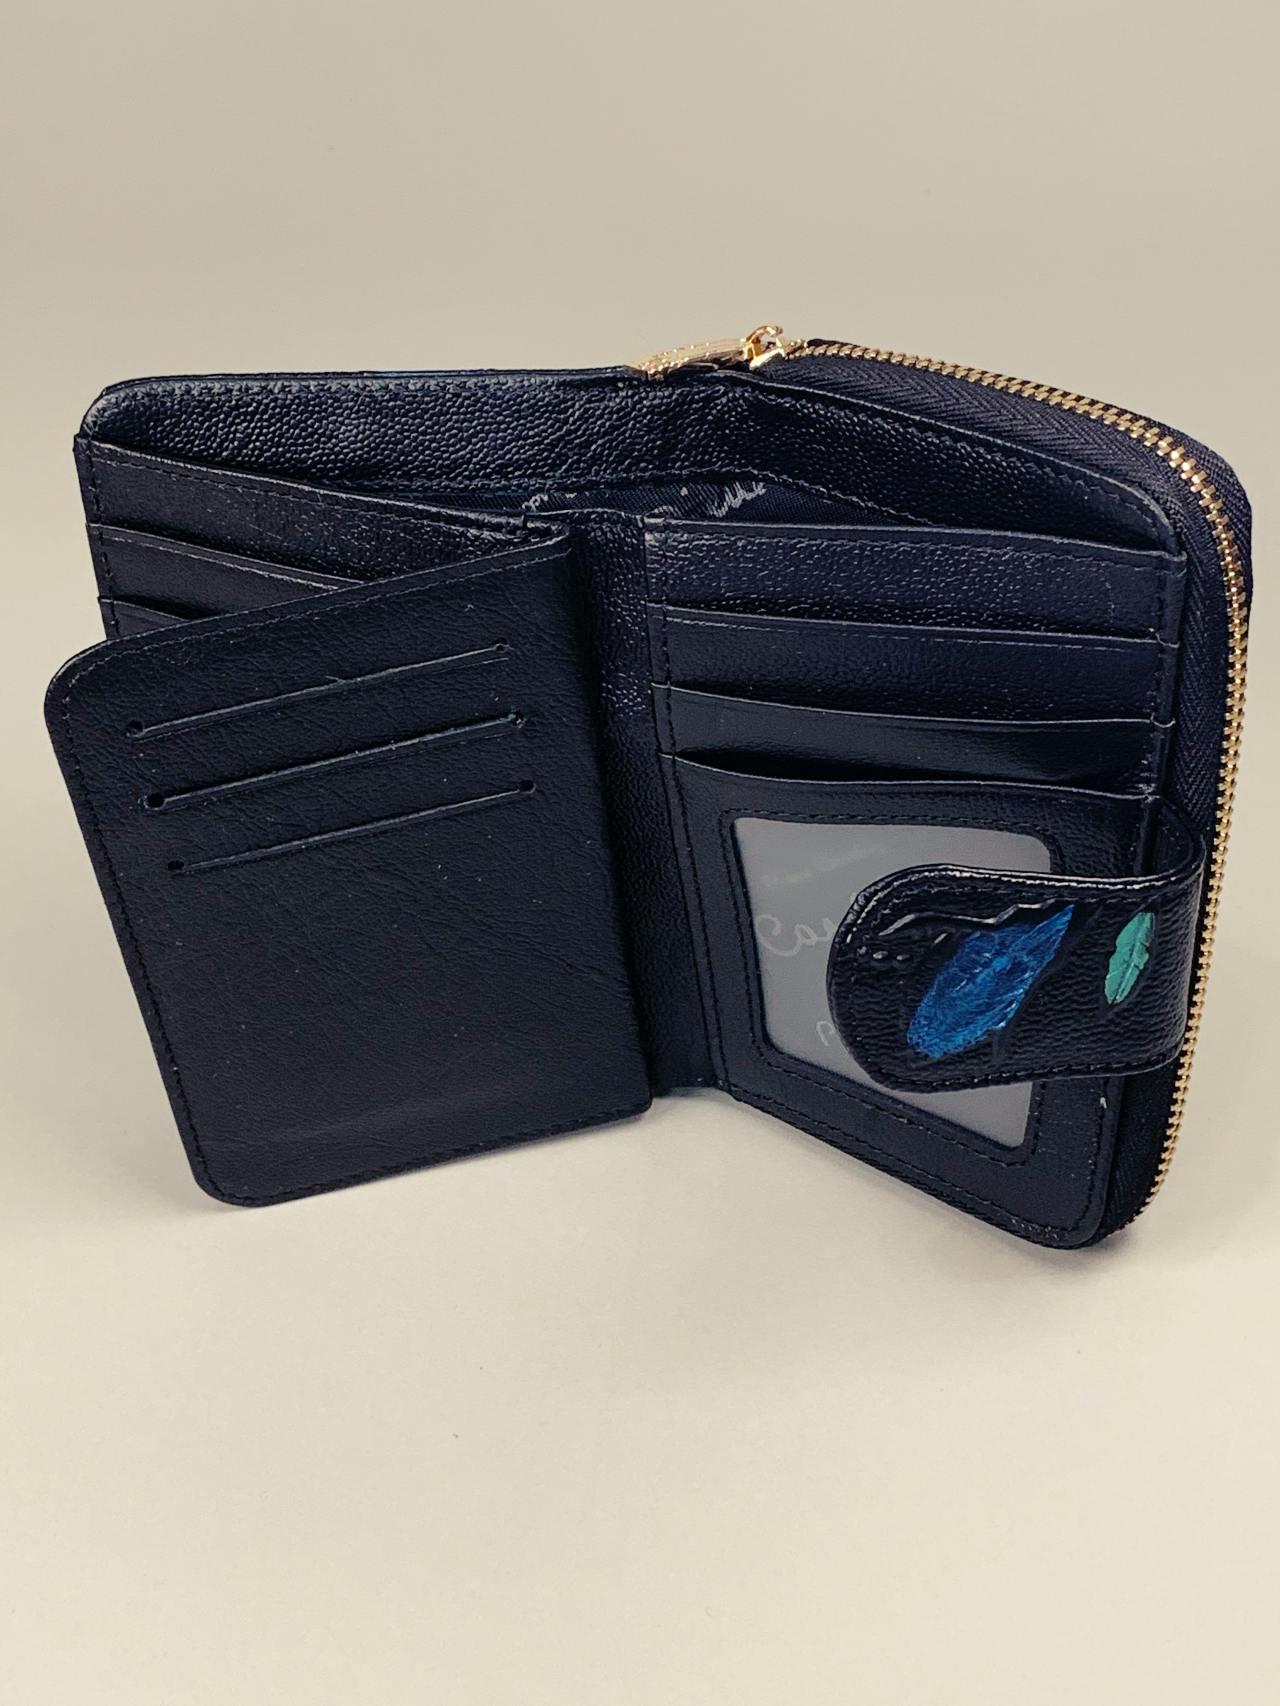 Kožená peněženka Pierre Cardin S černá s lístky -04